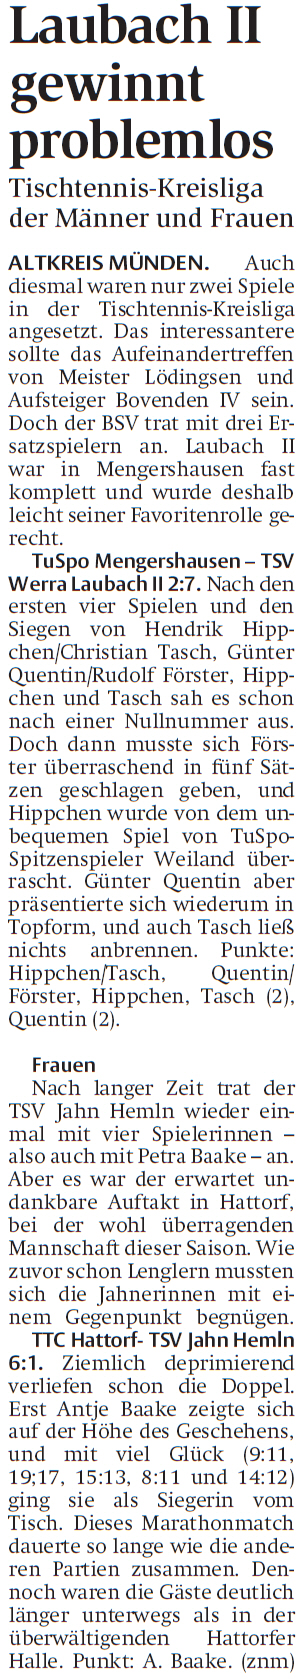 HNA 27.09.2017 - Laubach I und II siegreich im Tischtennis 1